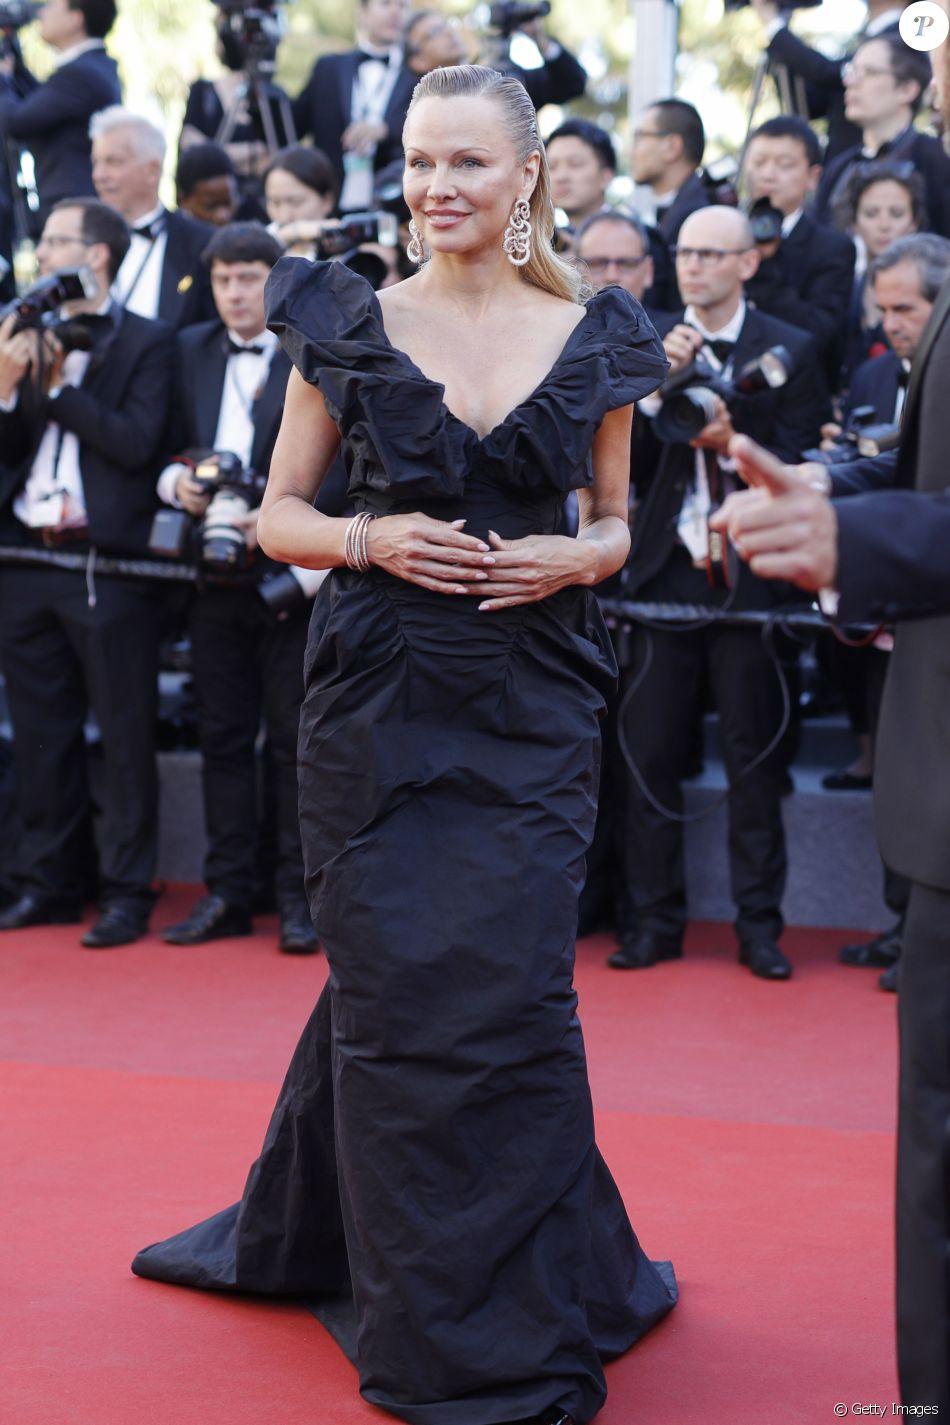 Aos 50 anos, Pamela Anderson prestigiou o Festival de Cannes, no Sul da França, no último sábado, 20 de maio de 2017